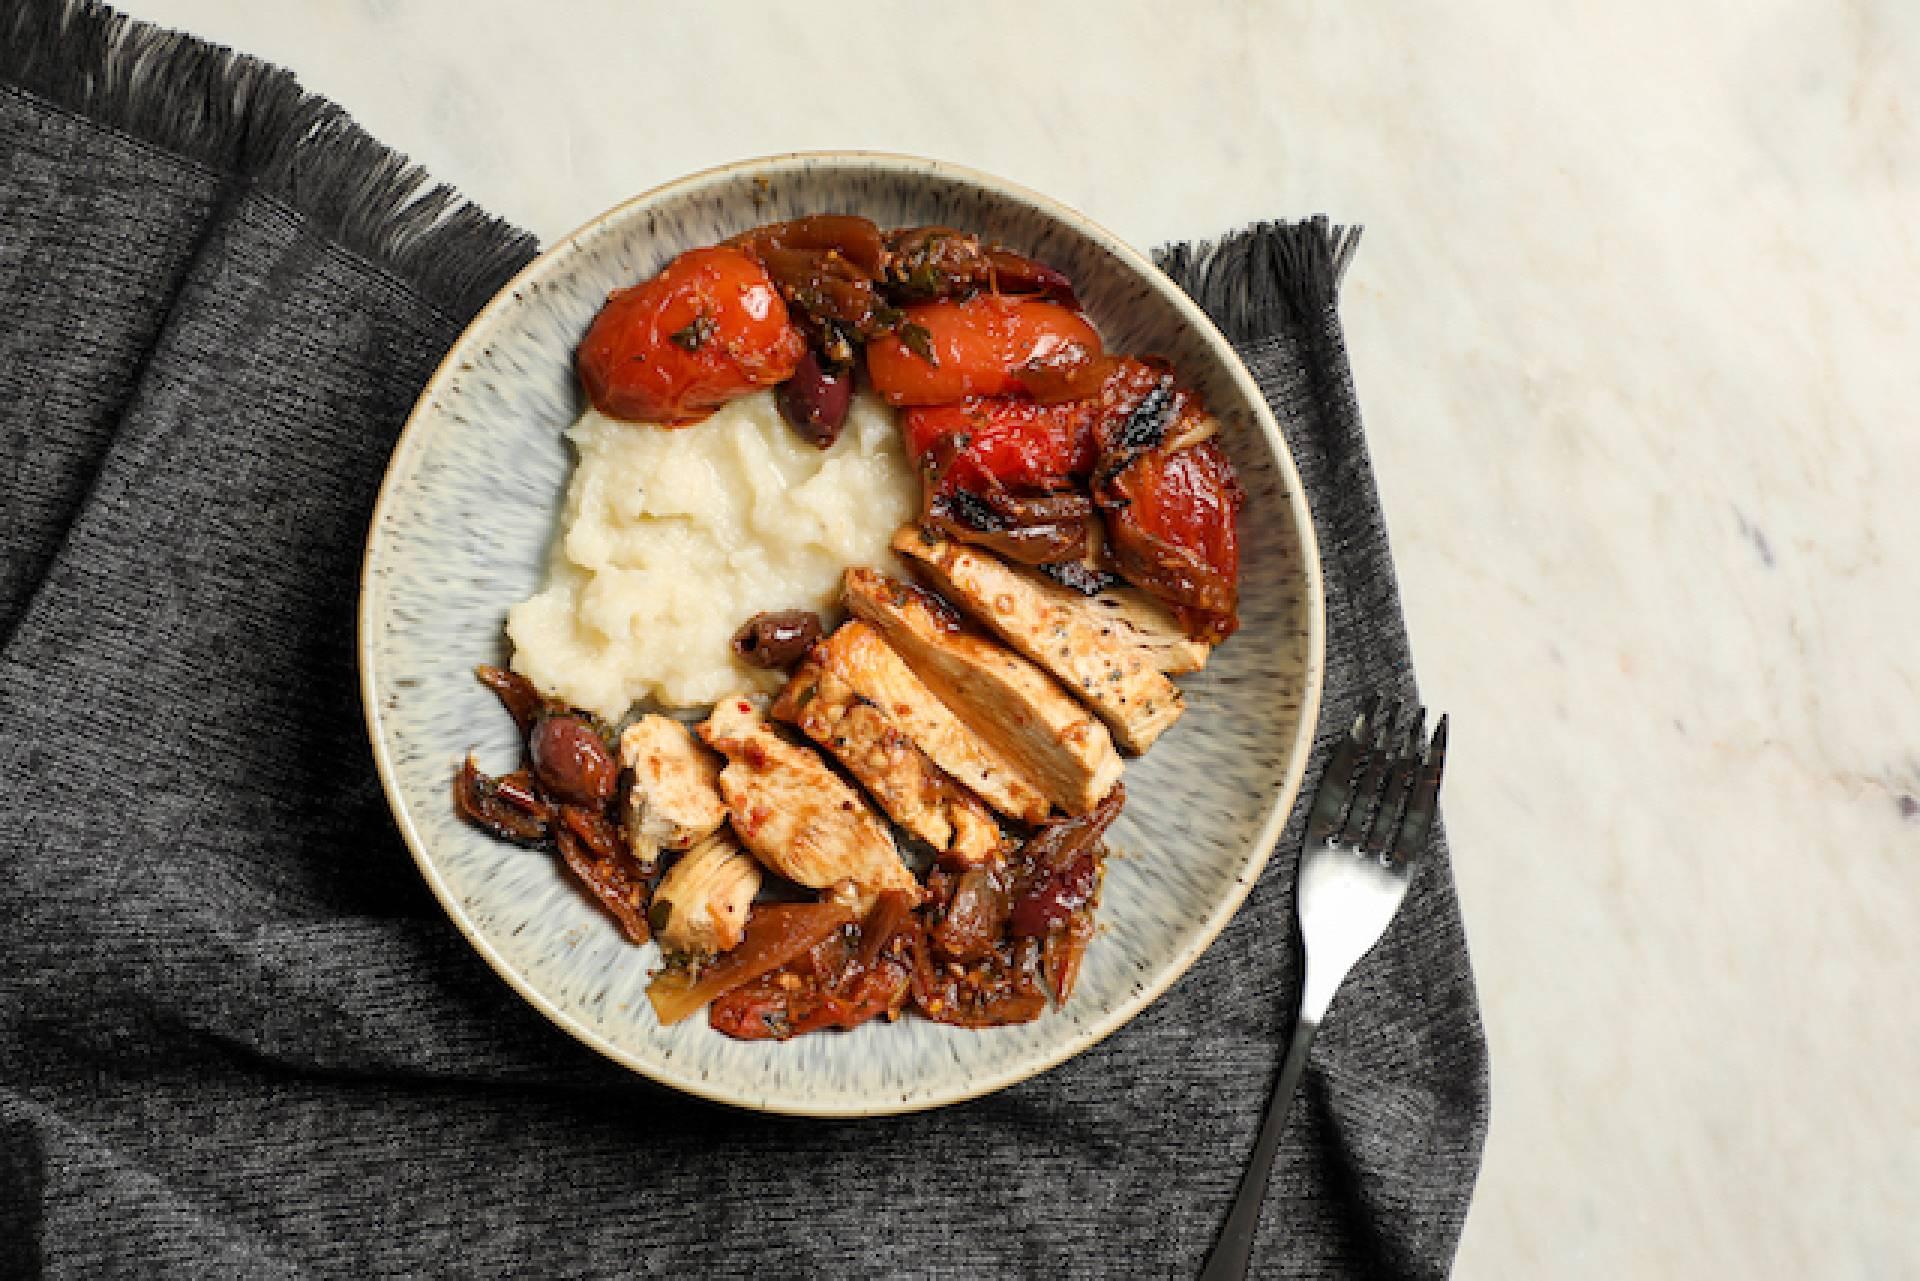 Braised Mediterranean Chicken